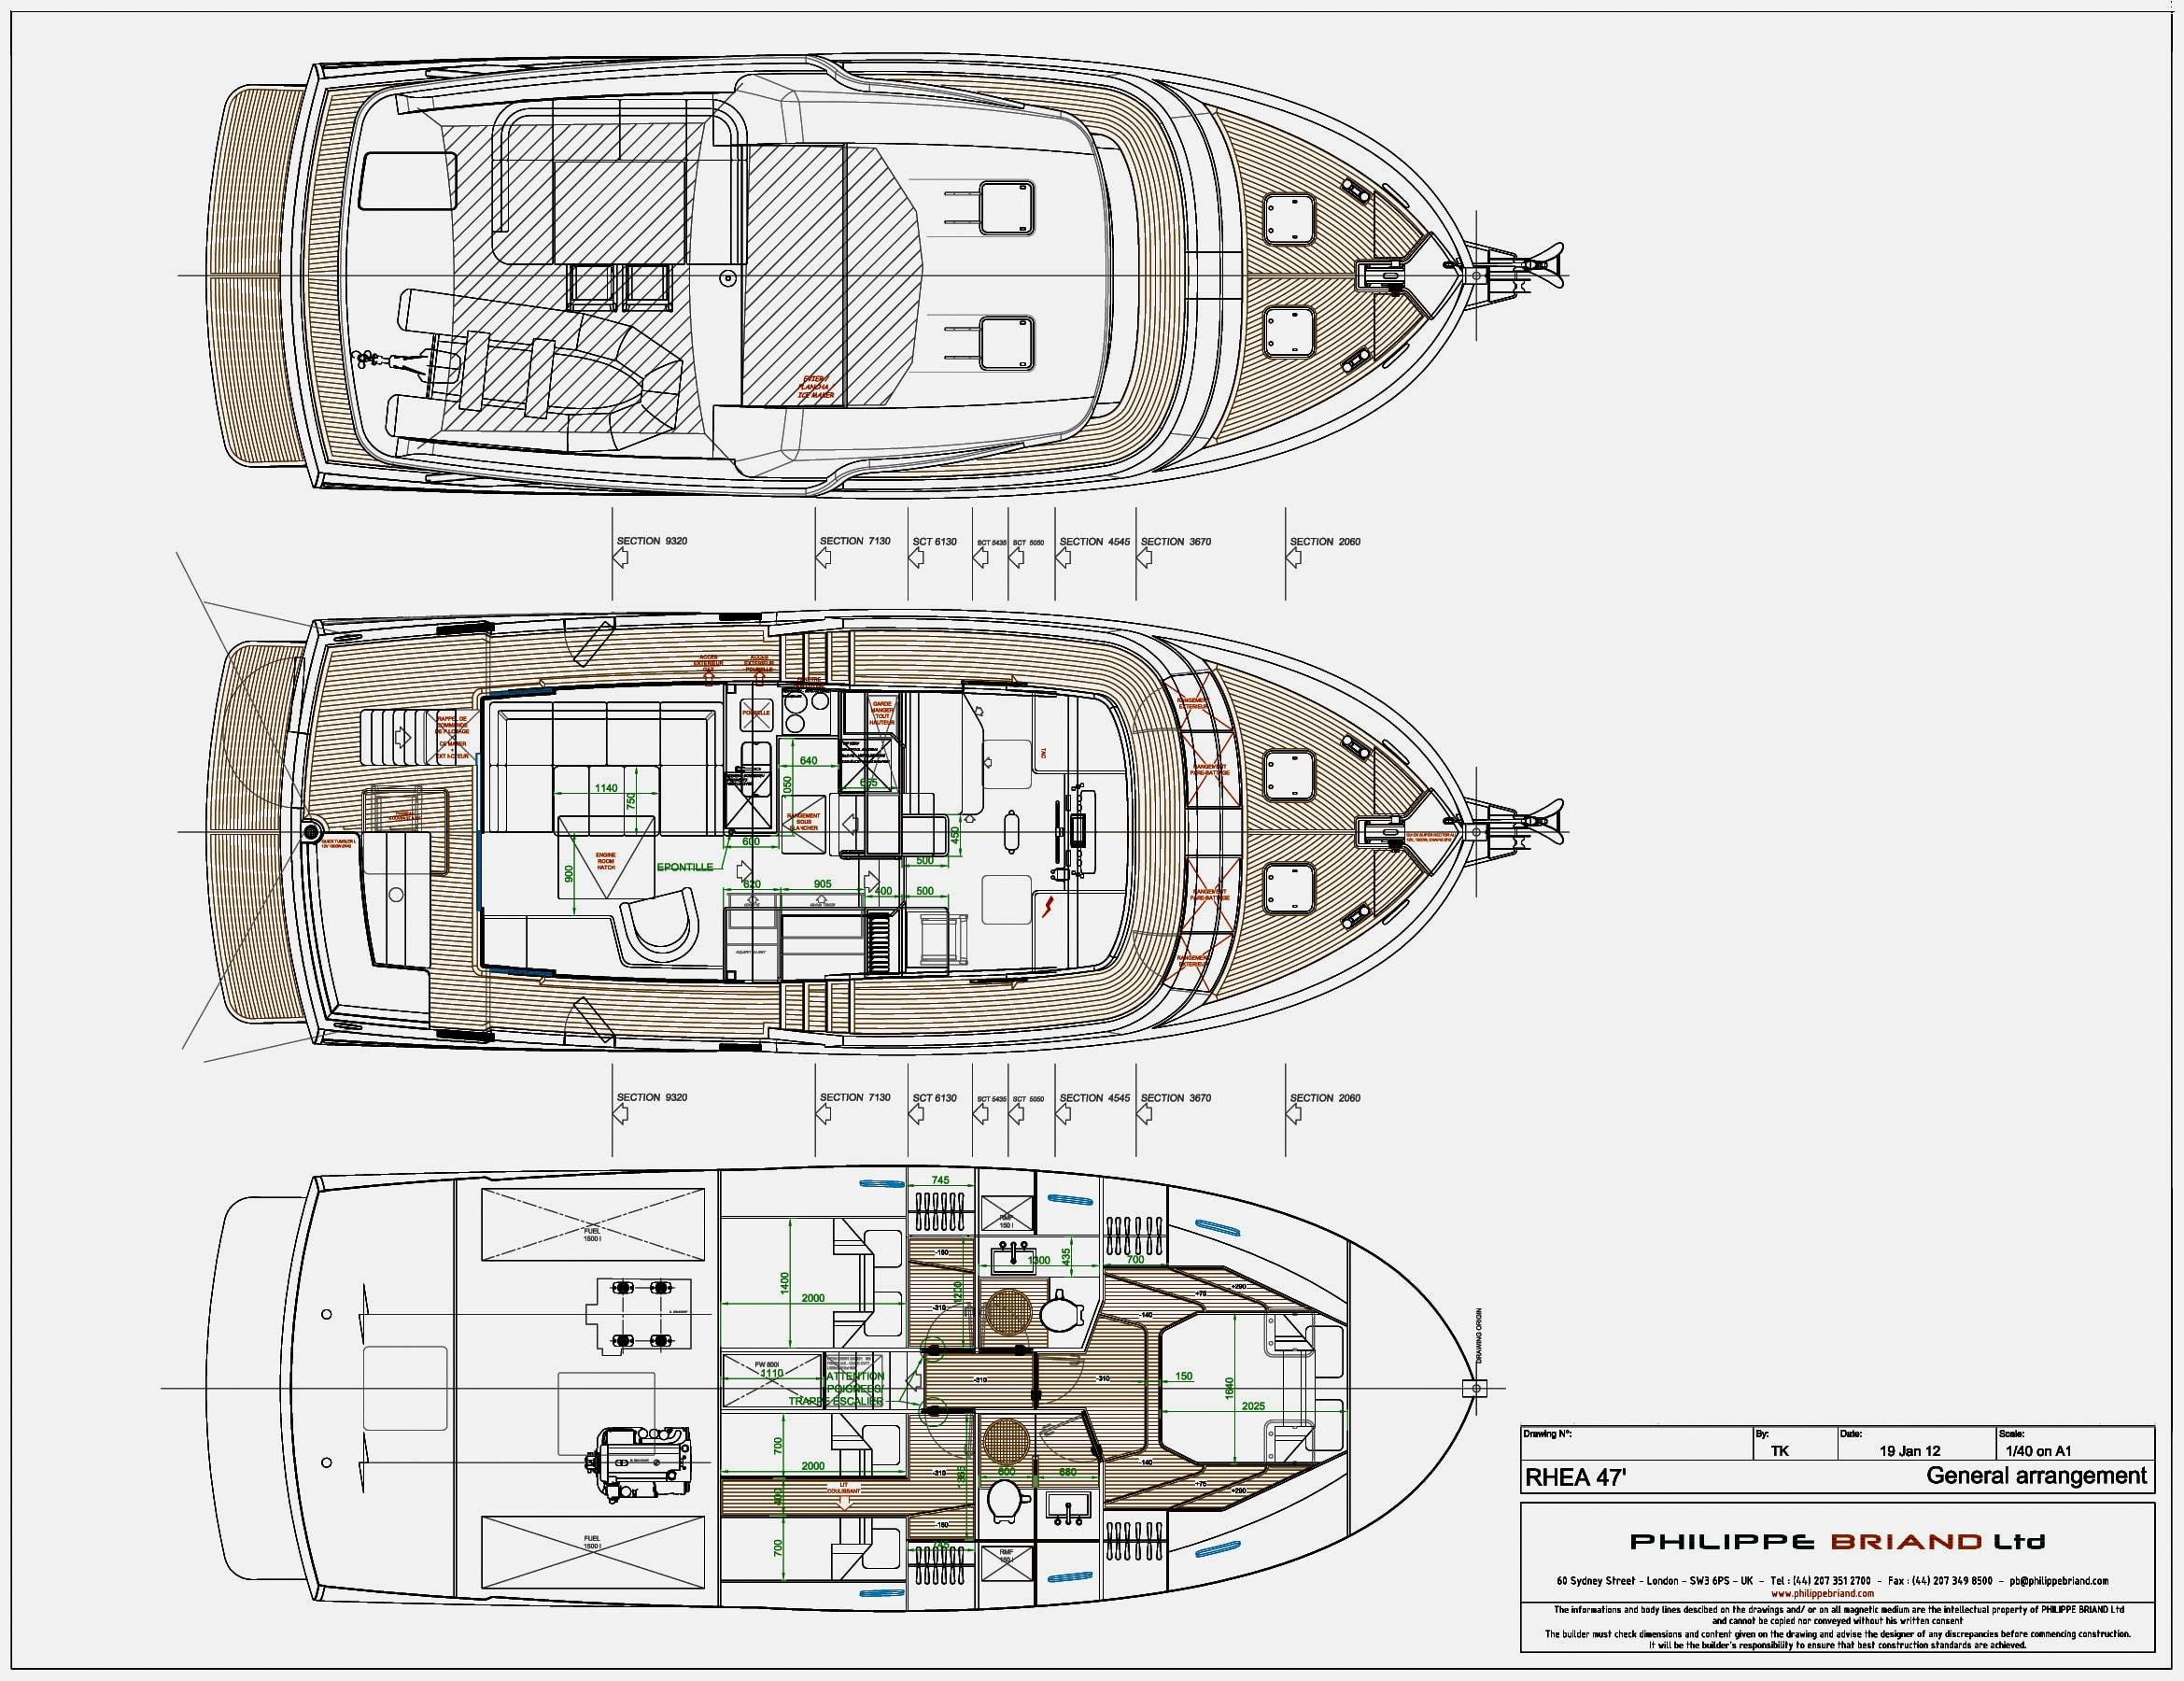 Rhea 47 Trawler